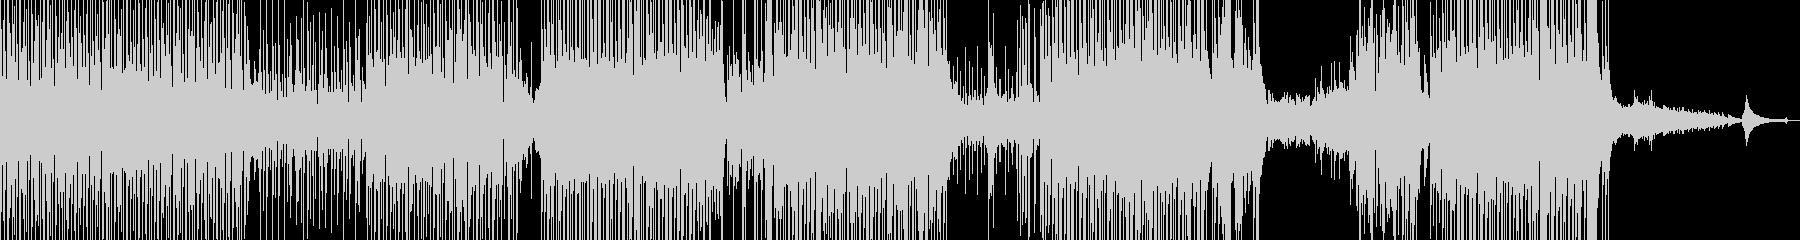 ギター・涼しいポップ 後半ドラム・長尺Bの未再生の波形